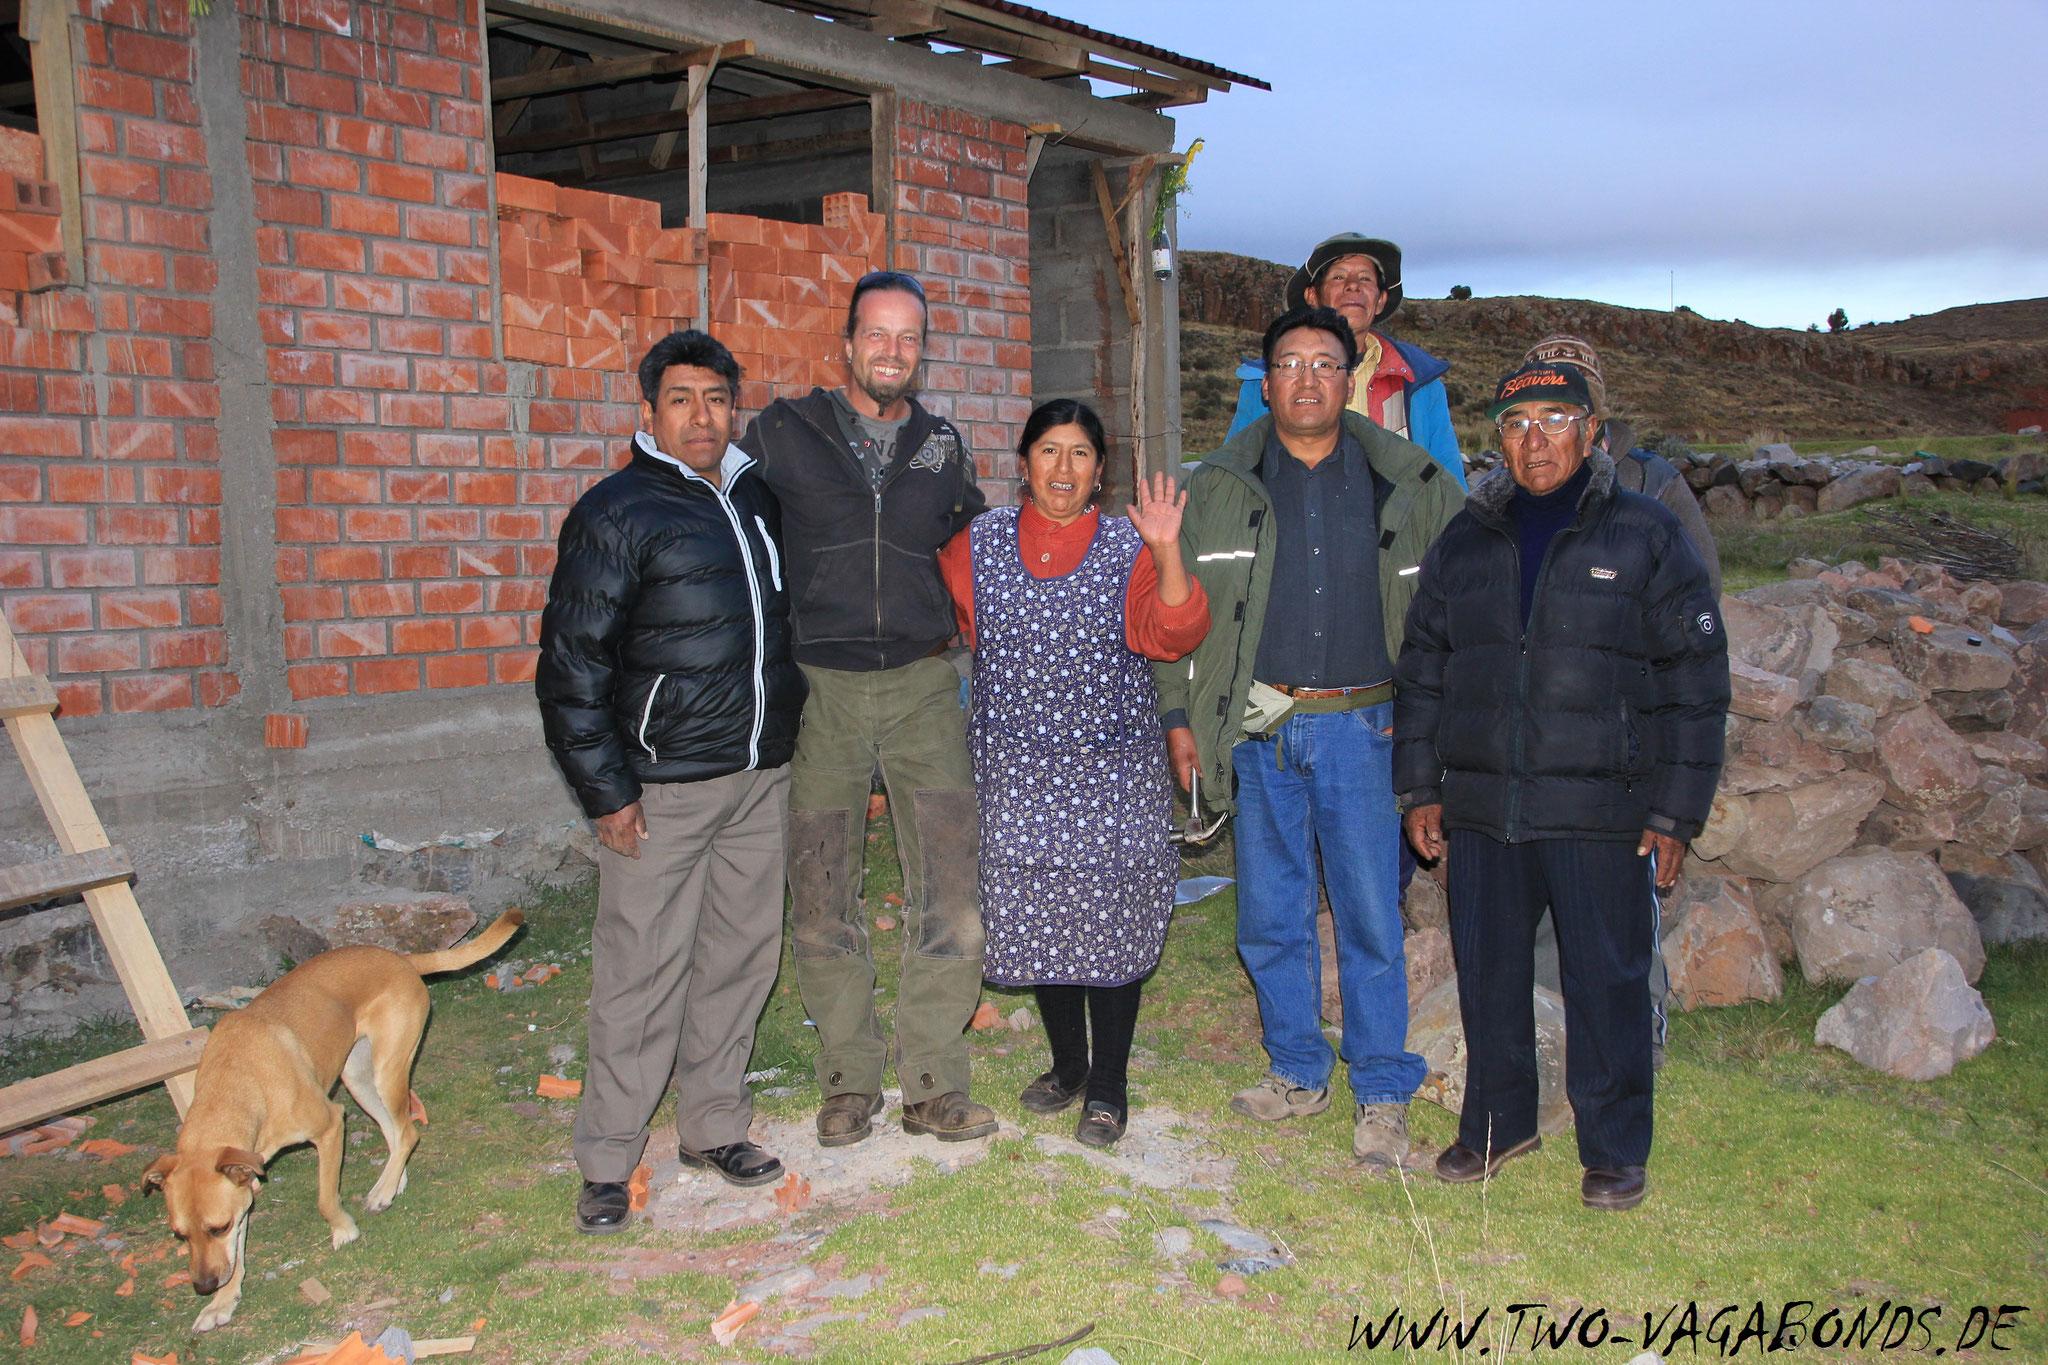 BOLIVIEN 2015 - ZU GAST BEI EINER HAUSEINWEIHUNG